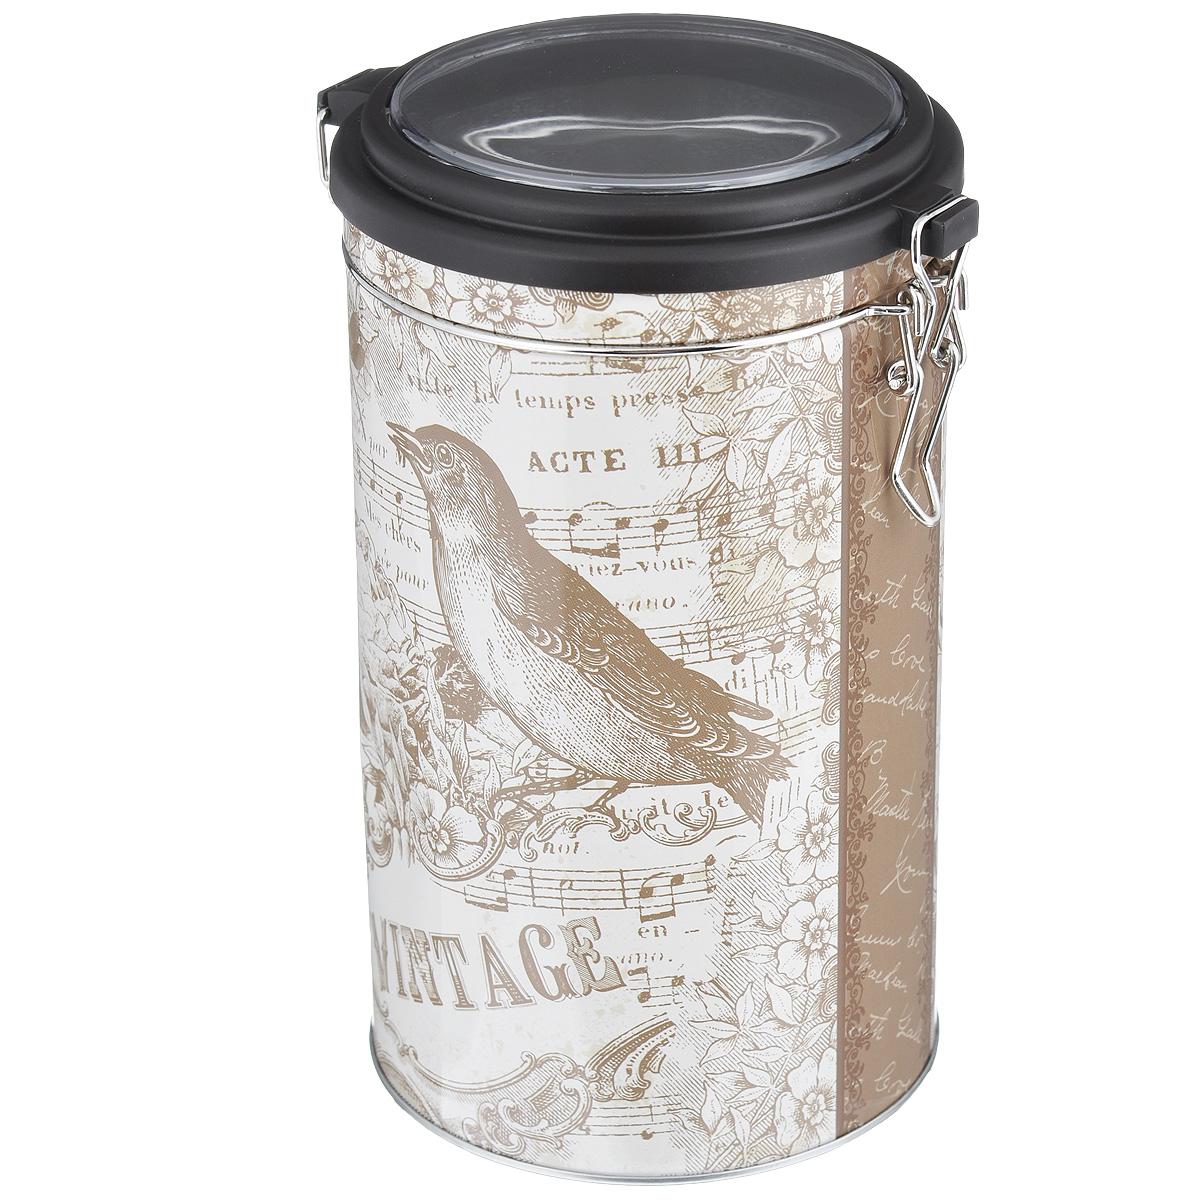 Банка для сыпучих продуктов Феникс-презент Птица, 1,5 л37633Банка для сыпучих продуктов Феникс-презент Птица, изготовленная из окрашенного черного металла, оформлена ярким рисунком. Банка прекрасно подойдет для хранения различных сыпучих продуктов: специй, чая, кофе, сахара, круп и многого другого. Емкость плотно закрывается прозрачной пластиковой крышкой на металлический замок. Благодаря этому она будет дольше сохранять свежесть ваших продуктов. Функциональная и вместительная, такая банка станет незаменимым аксессуаром на любой кухне. Нельзя мыть в посудомоечной машине. Объем банки: 1,5 л. Высота банки (без учета крышки): 17,4 см. Диаметр банки (по верхнему краю): 10,5 см.